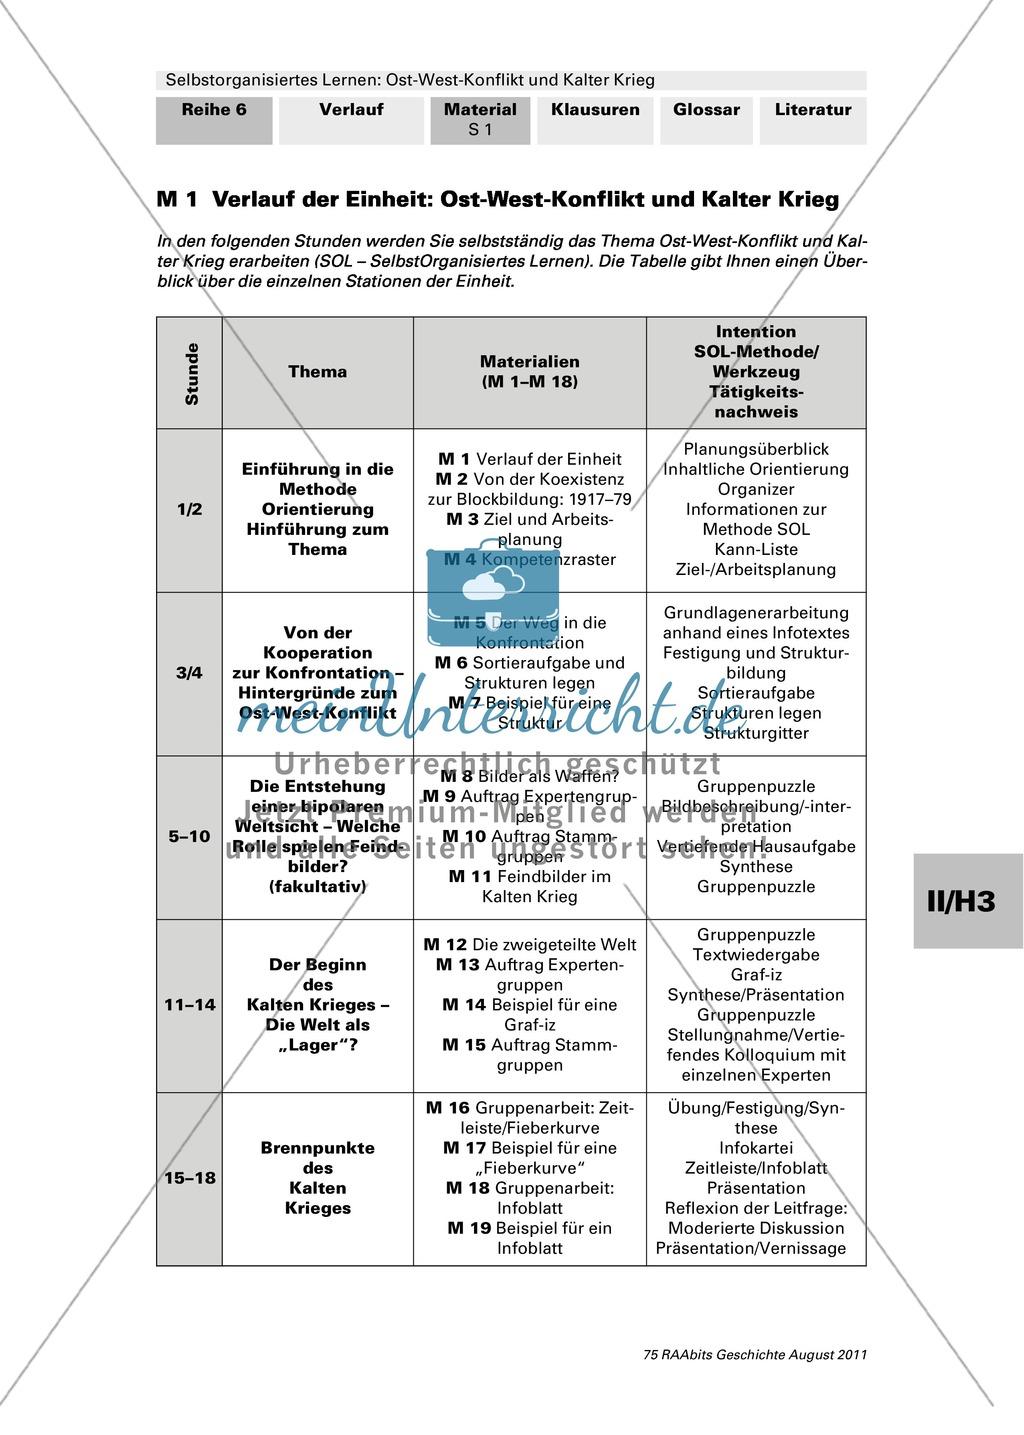 Selbstorganisiertes Lernen: Ost-West-Konflikt und Kalter Krieg: Einführung in die Methode und Hinführung zum Thema + Ziel- und Arbeitsplanung + Kompetenzraster Preview 0